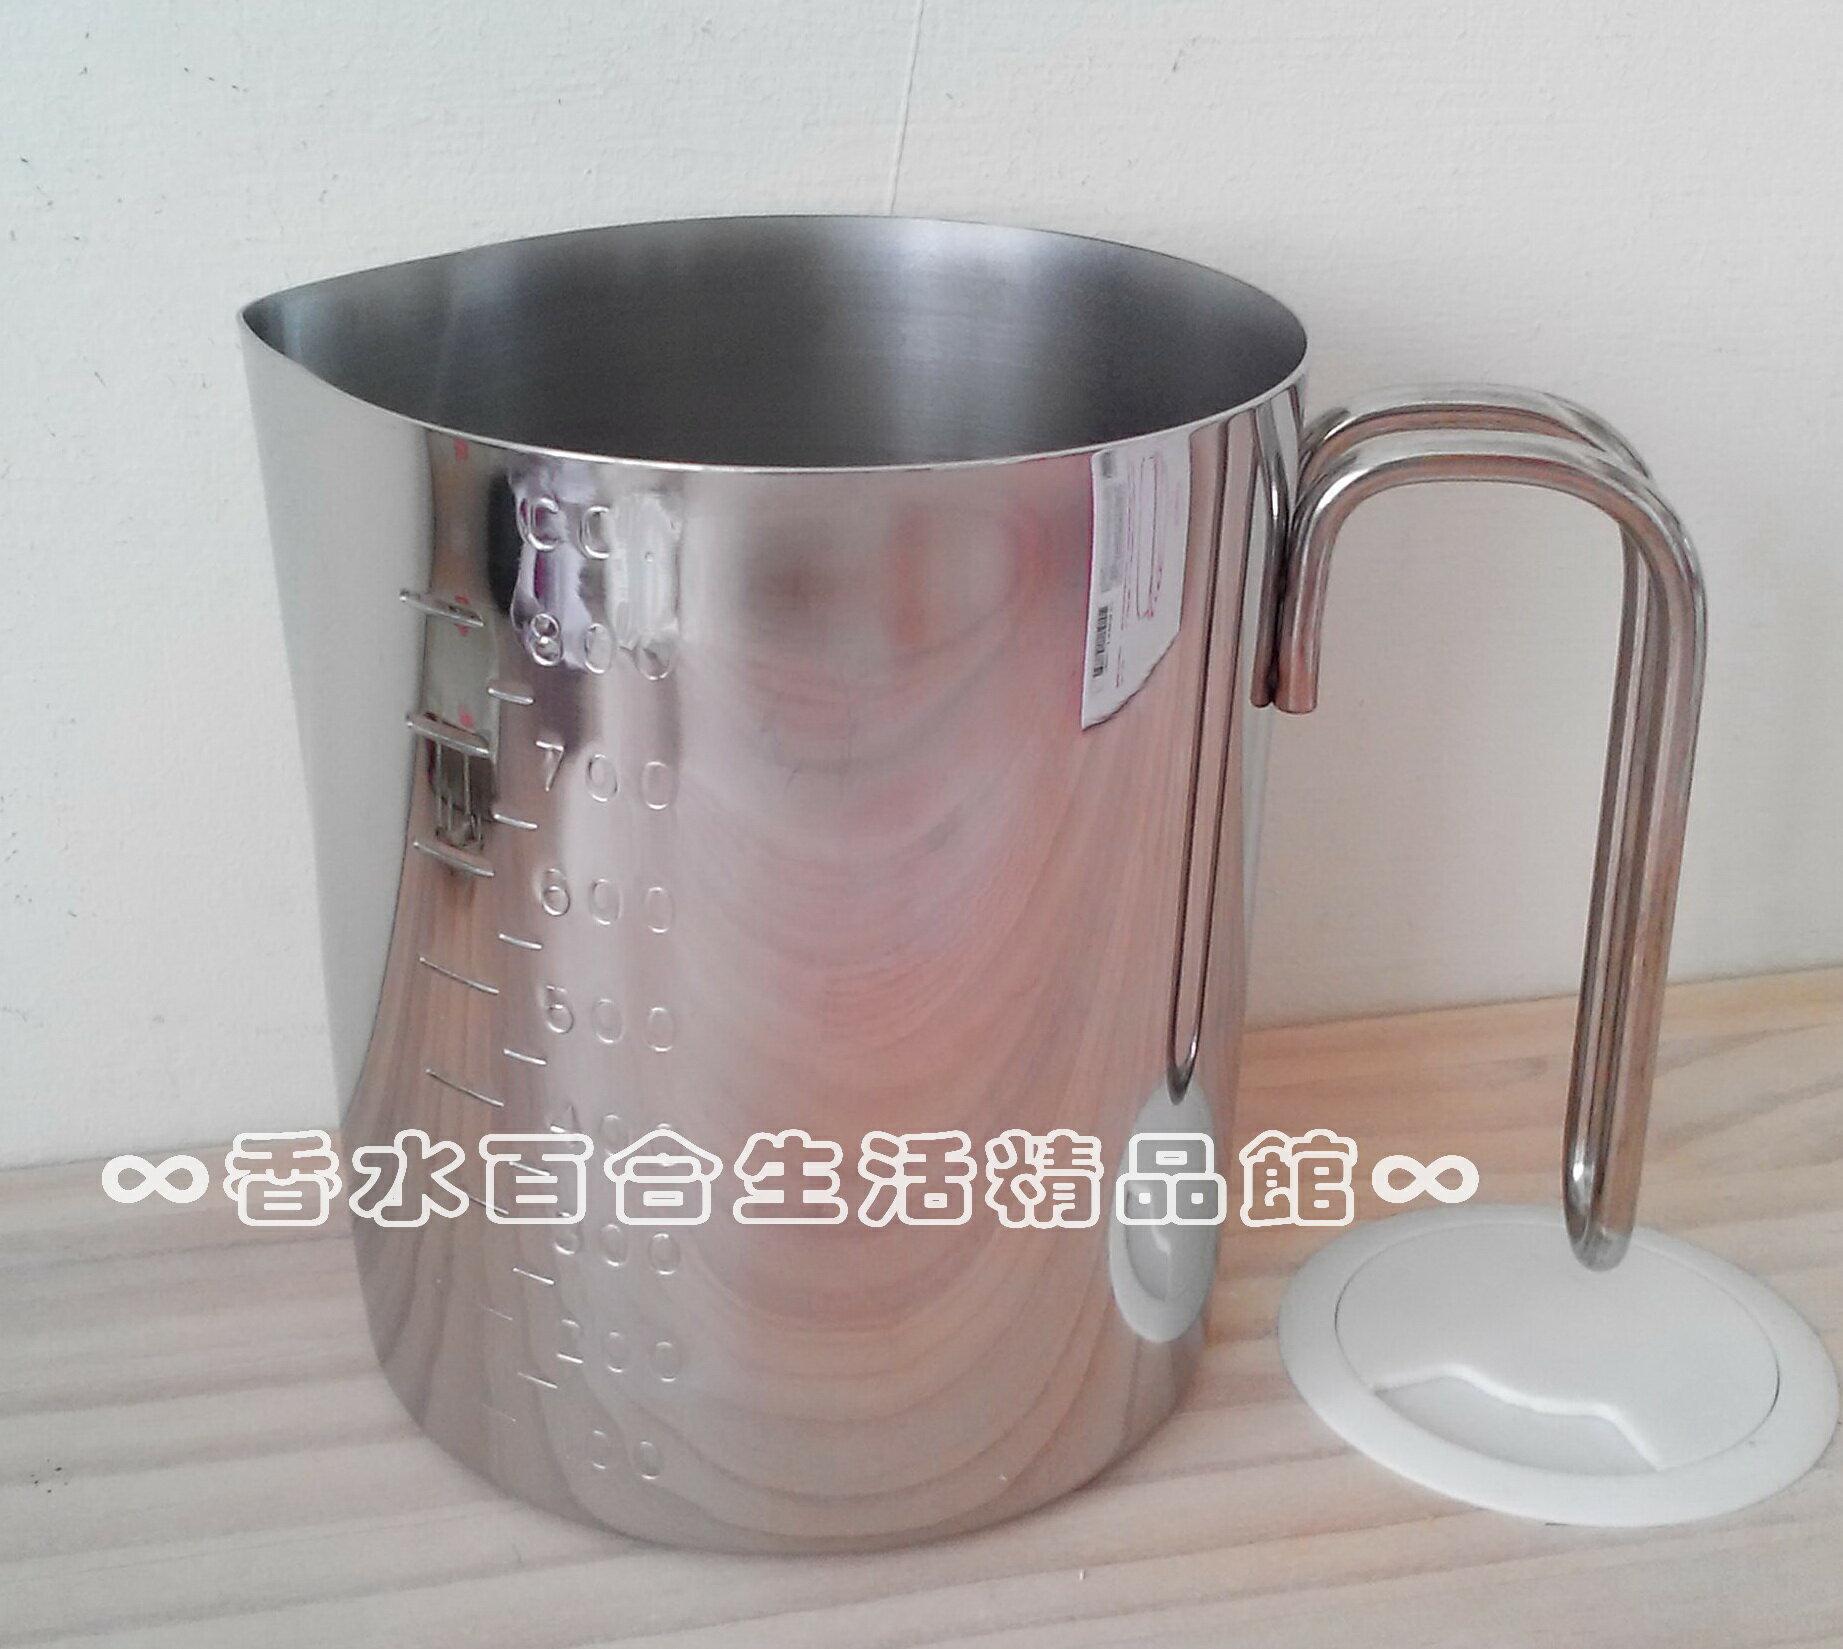 🌟現貨🌟Zebra斑馬牌不鏽鋼量杯800ml 斑馬牌量杯800cc 斑馬量杯 攪拌杯 拉花杯 料理杯 咖啡接粉杯